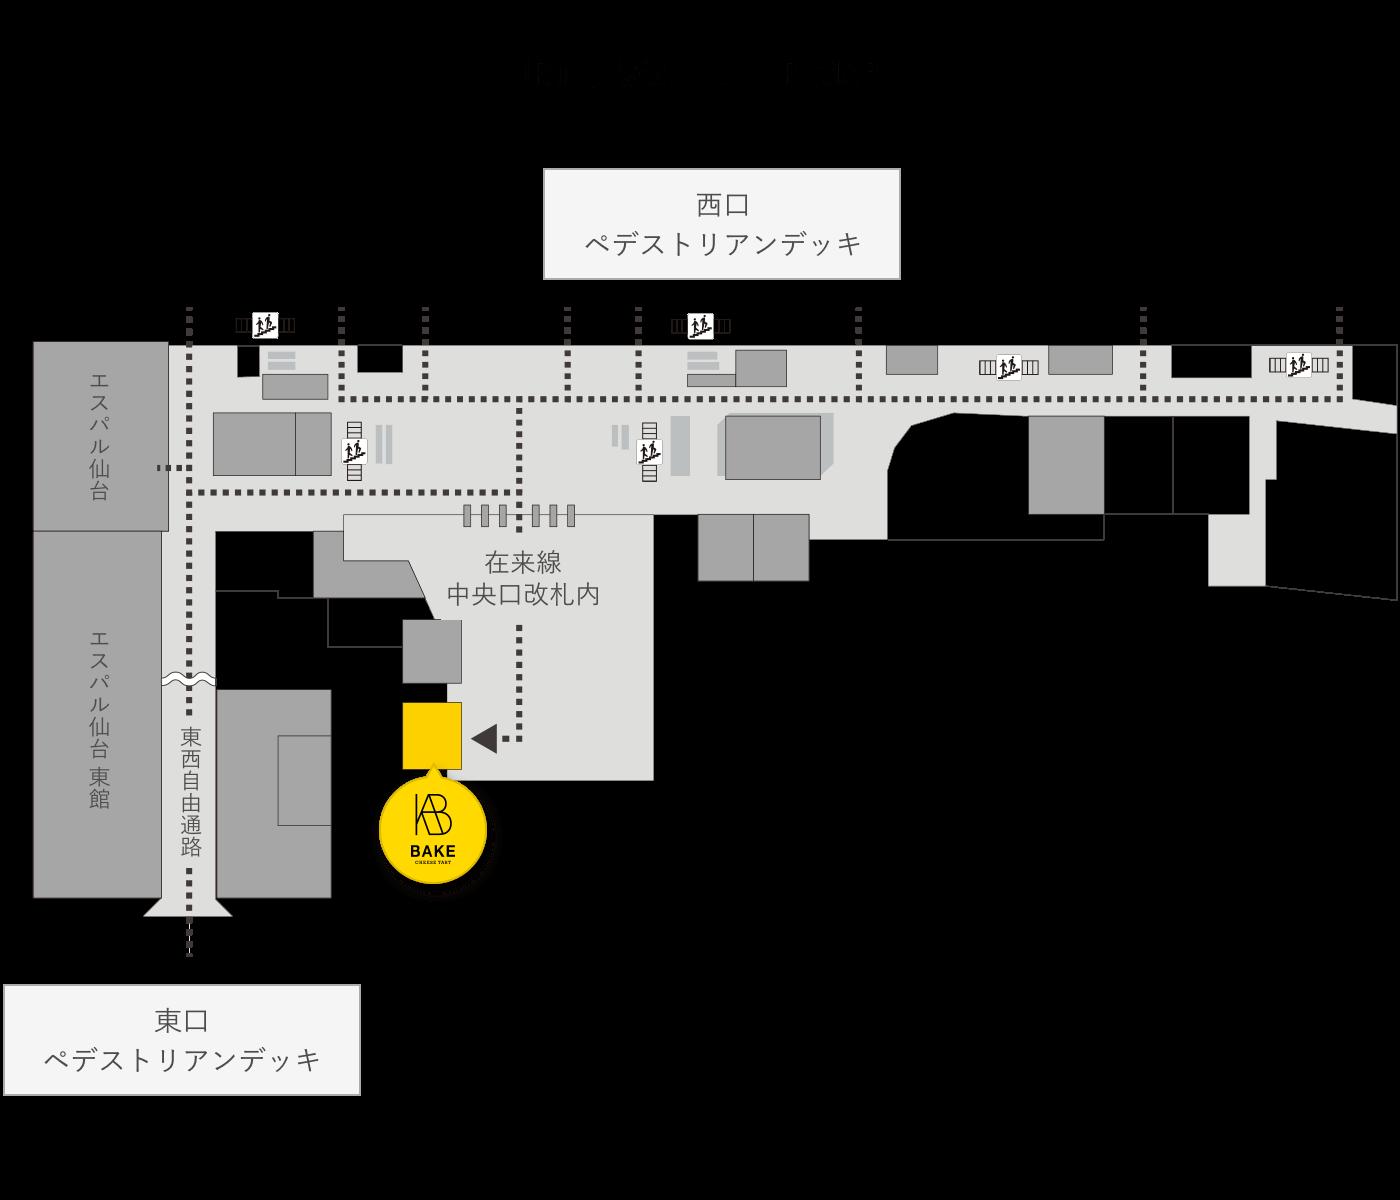 仙台 ベイク 仙台駅にチーズタルト専門店「ベイク」 東北初出店、焼きたてをテークアウトで